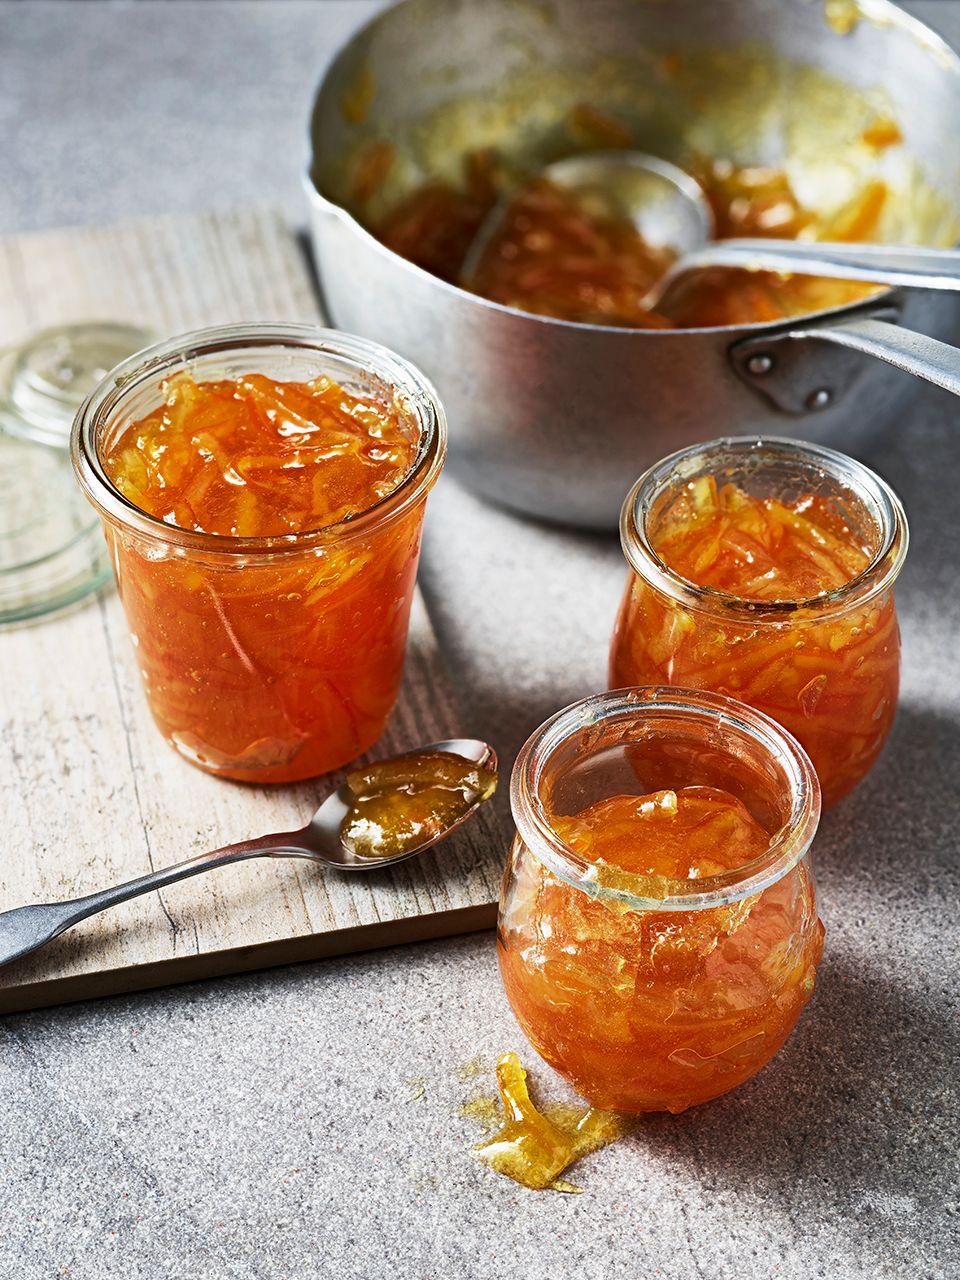 Trei borcane de marmeladă deschisă cu o lingură pe lateral